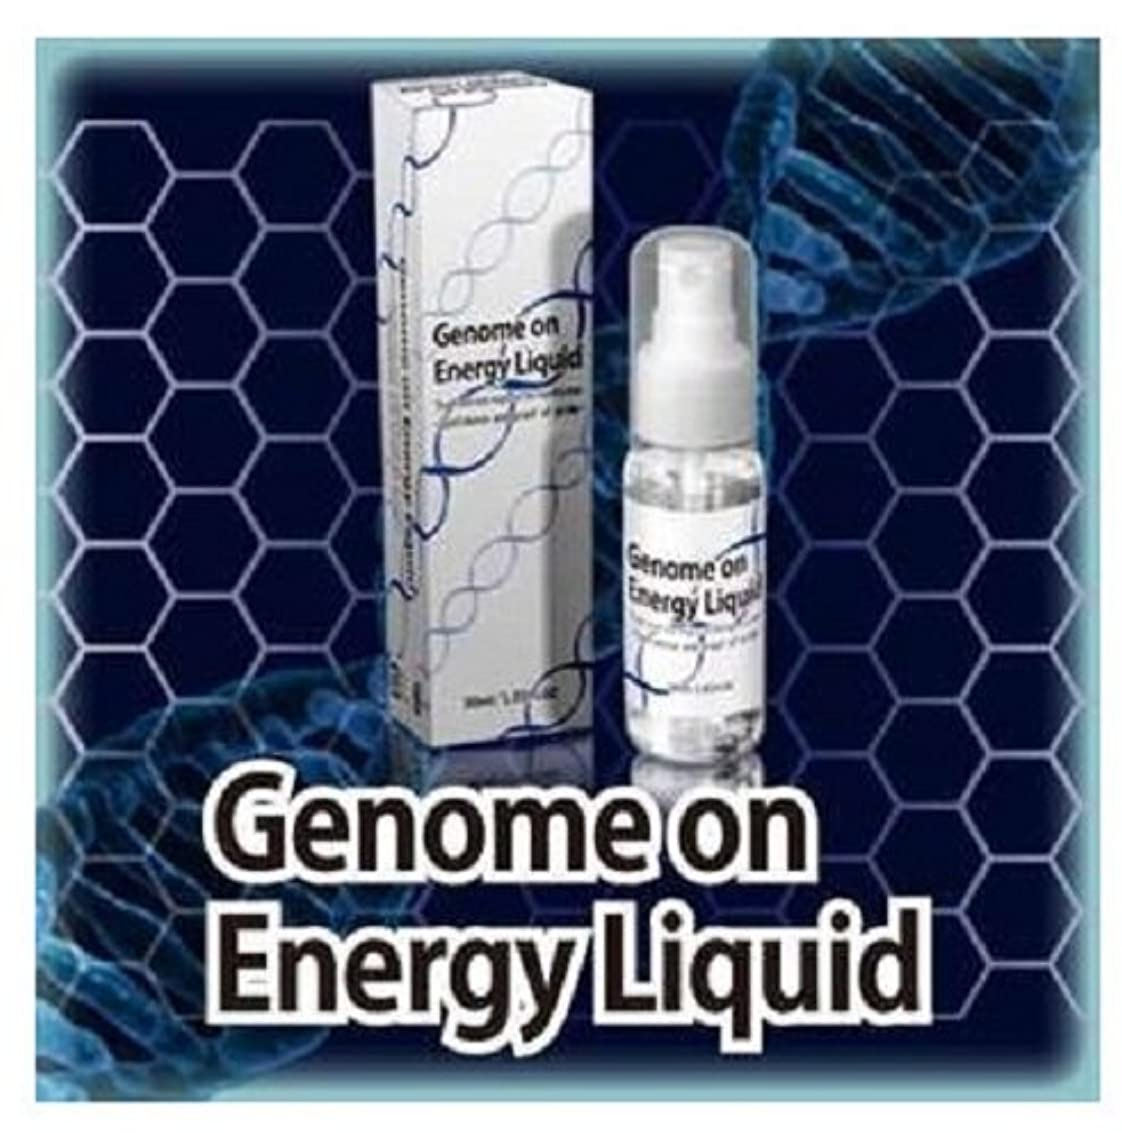 実り多い状態アミューズゲノムオンエナジーリキッド Genome on Energy Liquid